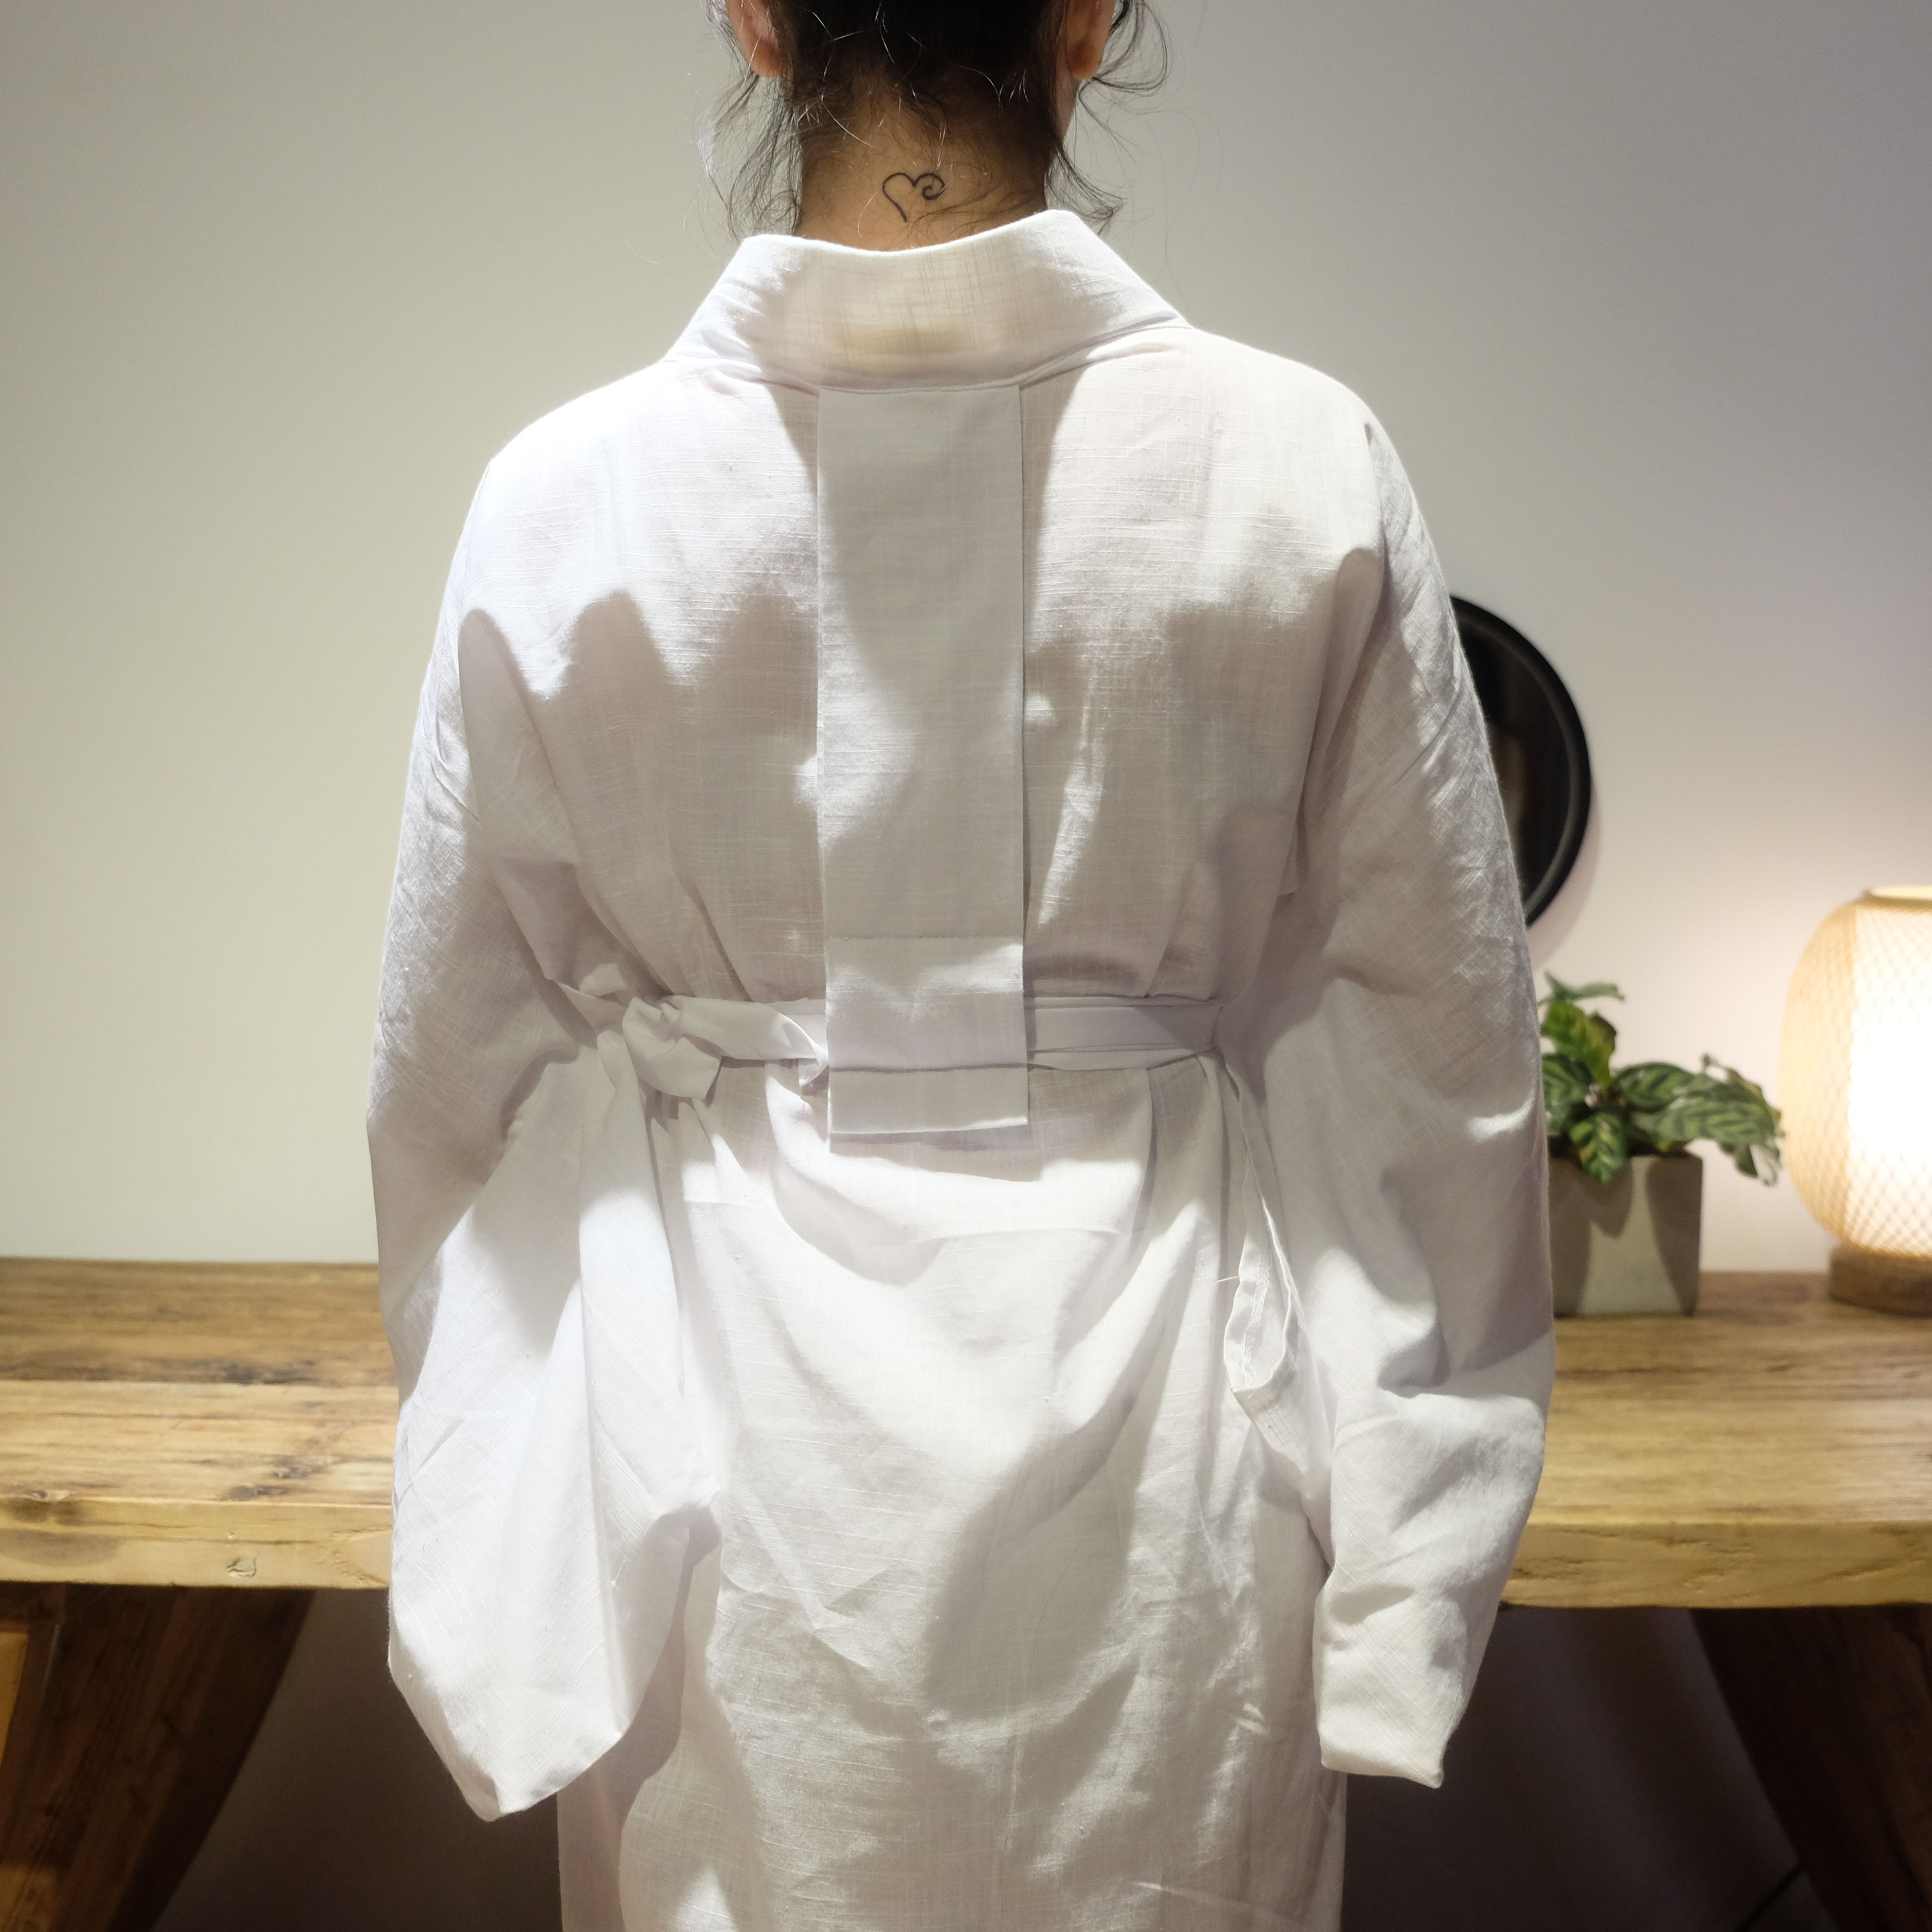 限时赏味 日本和服浴衣羽织白色内搭平纹棉肌襦袢 包含领芯